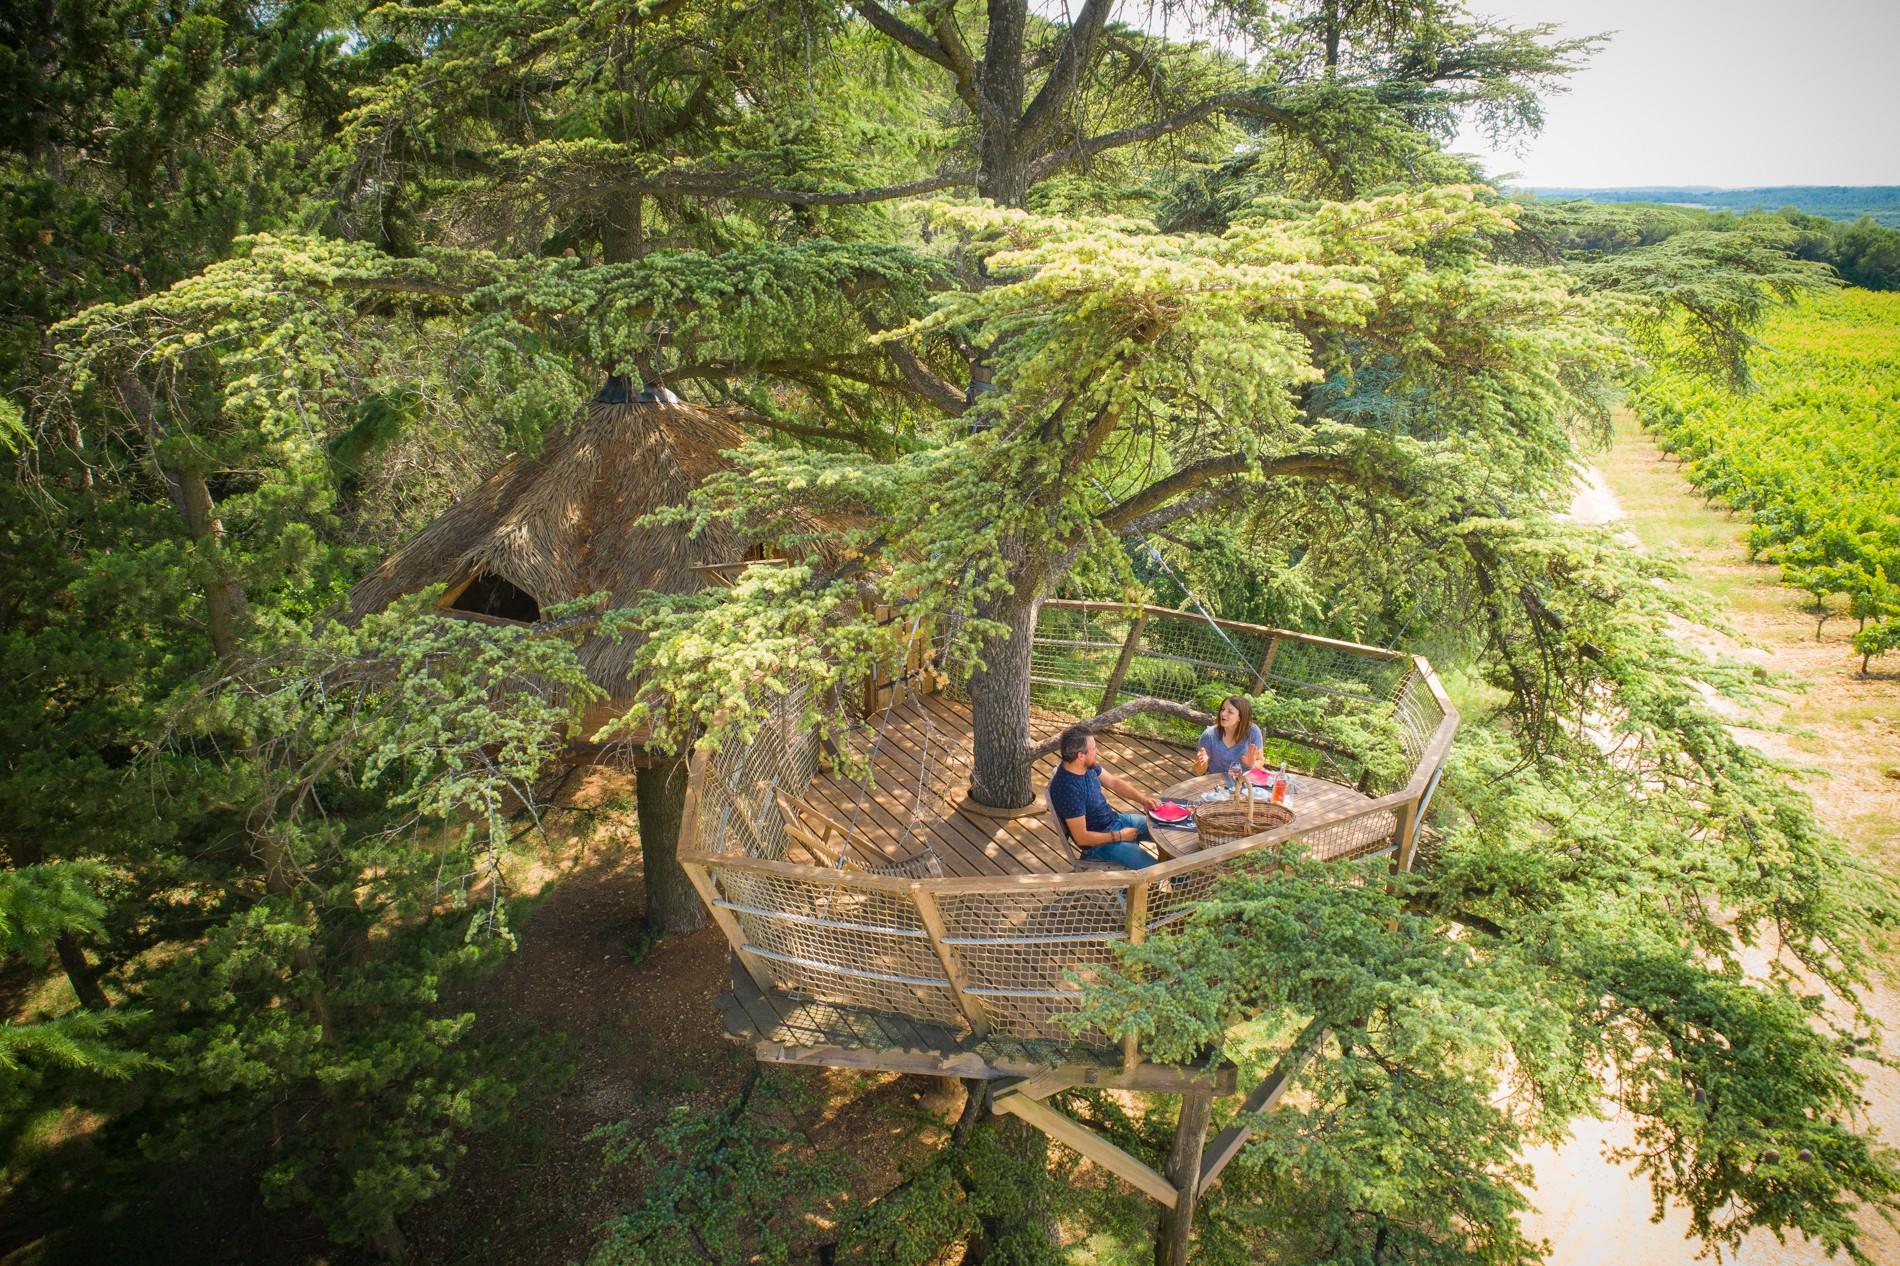 Photo 17 extérieur - petit déjeuner dans les arbres - vue sur vignoble - hébergement insolite à Montpellier - Tourisme de nature - Domaine saint Jean de l'Arbousier, Castries, Hérault